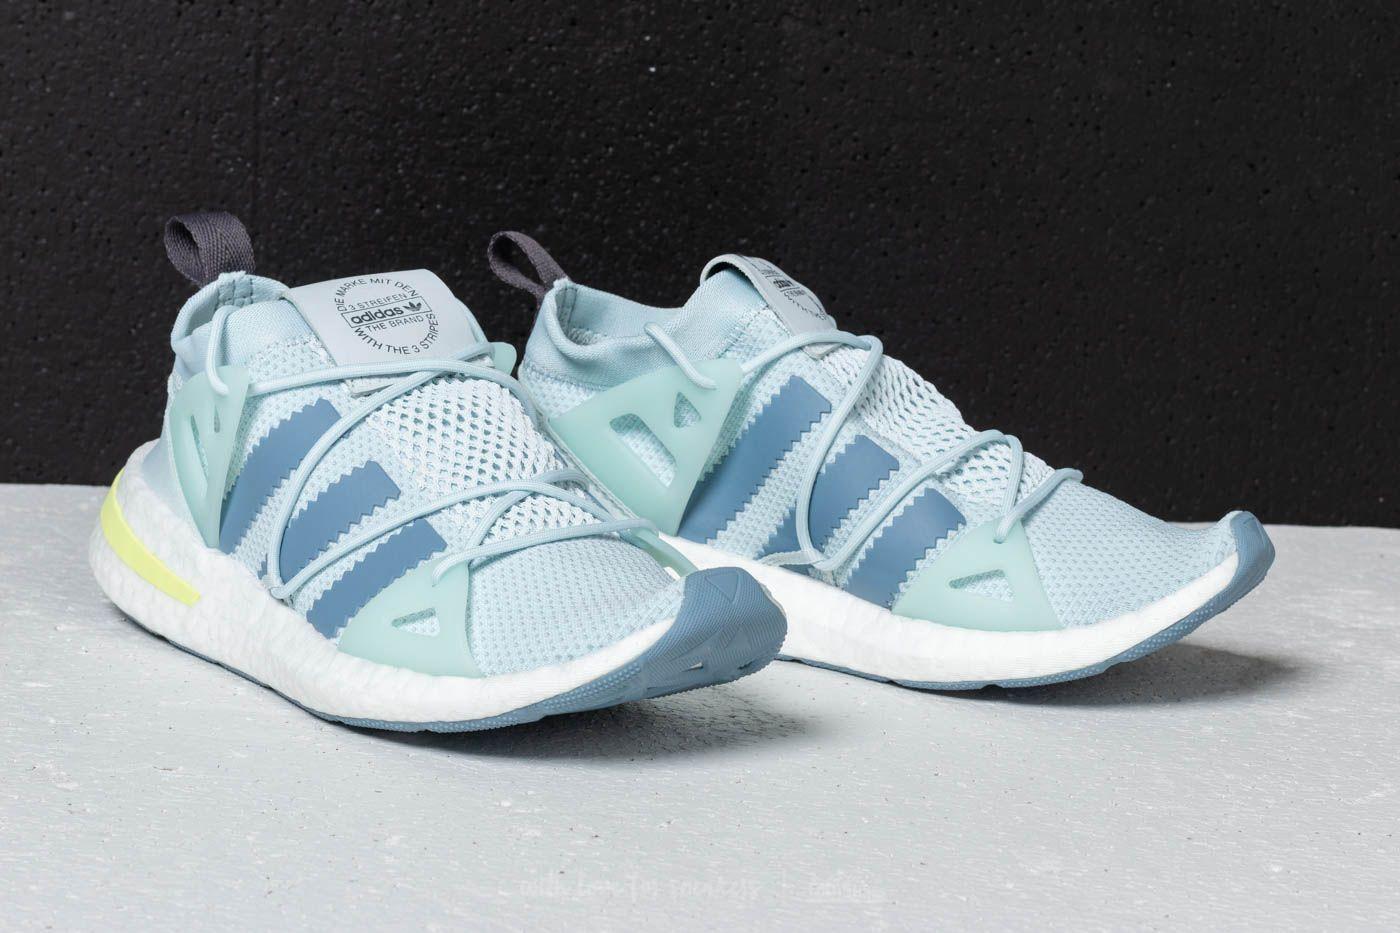 timeless design 64a4d 209b2 adidas Arkyn Woman Blue Tint  Raw Grey   Grey    160    blue  adidas  arkyn   boost  sneakers